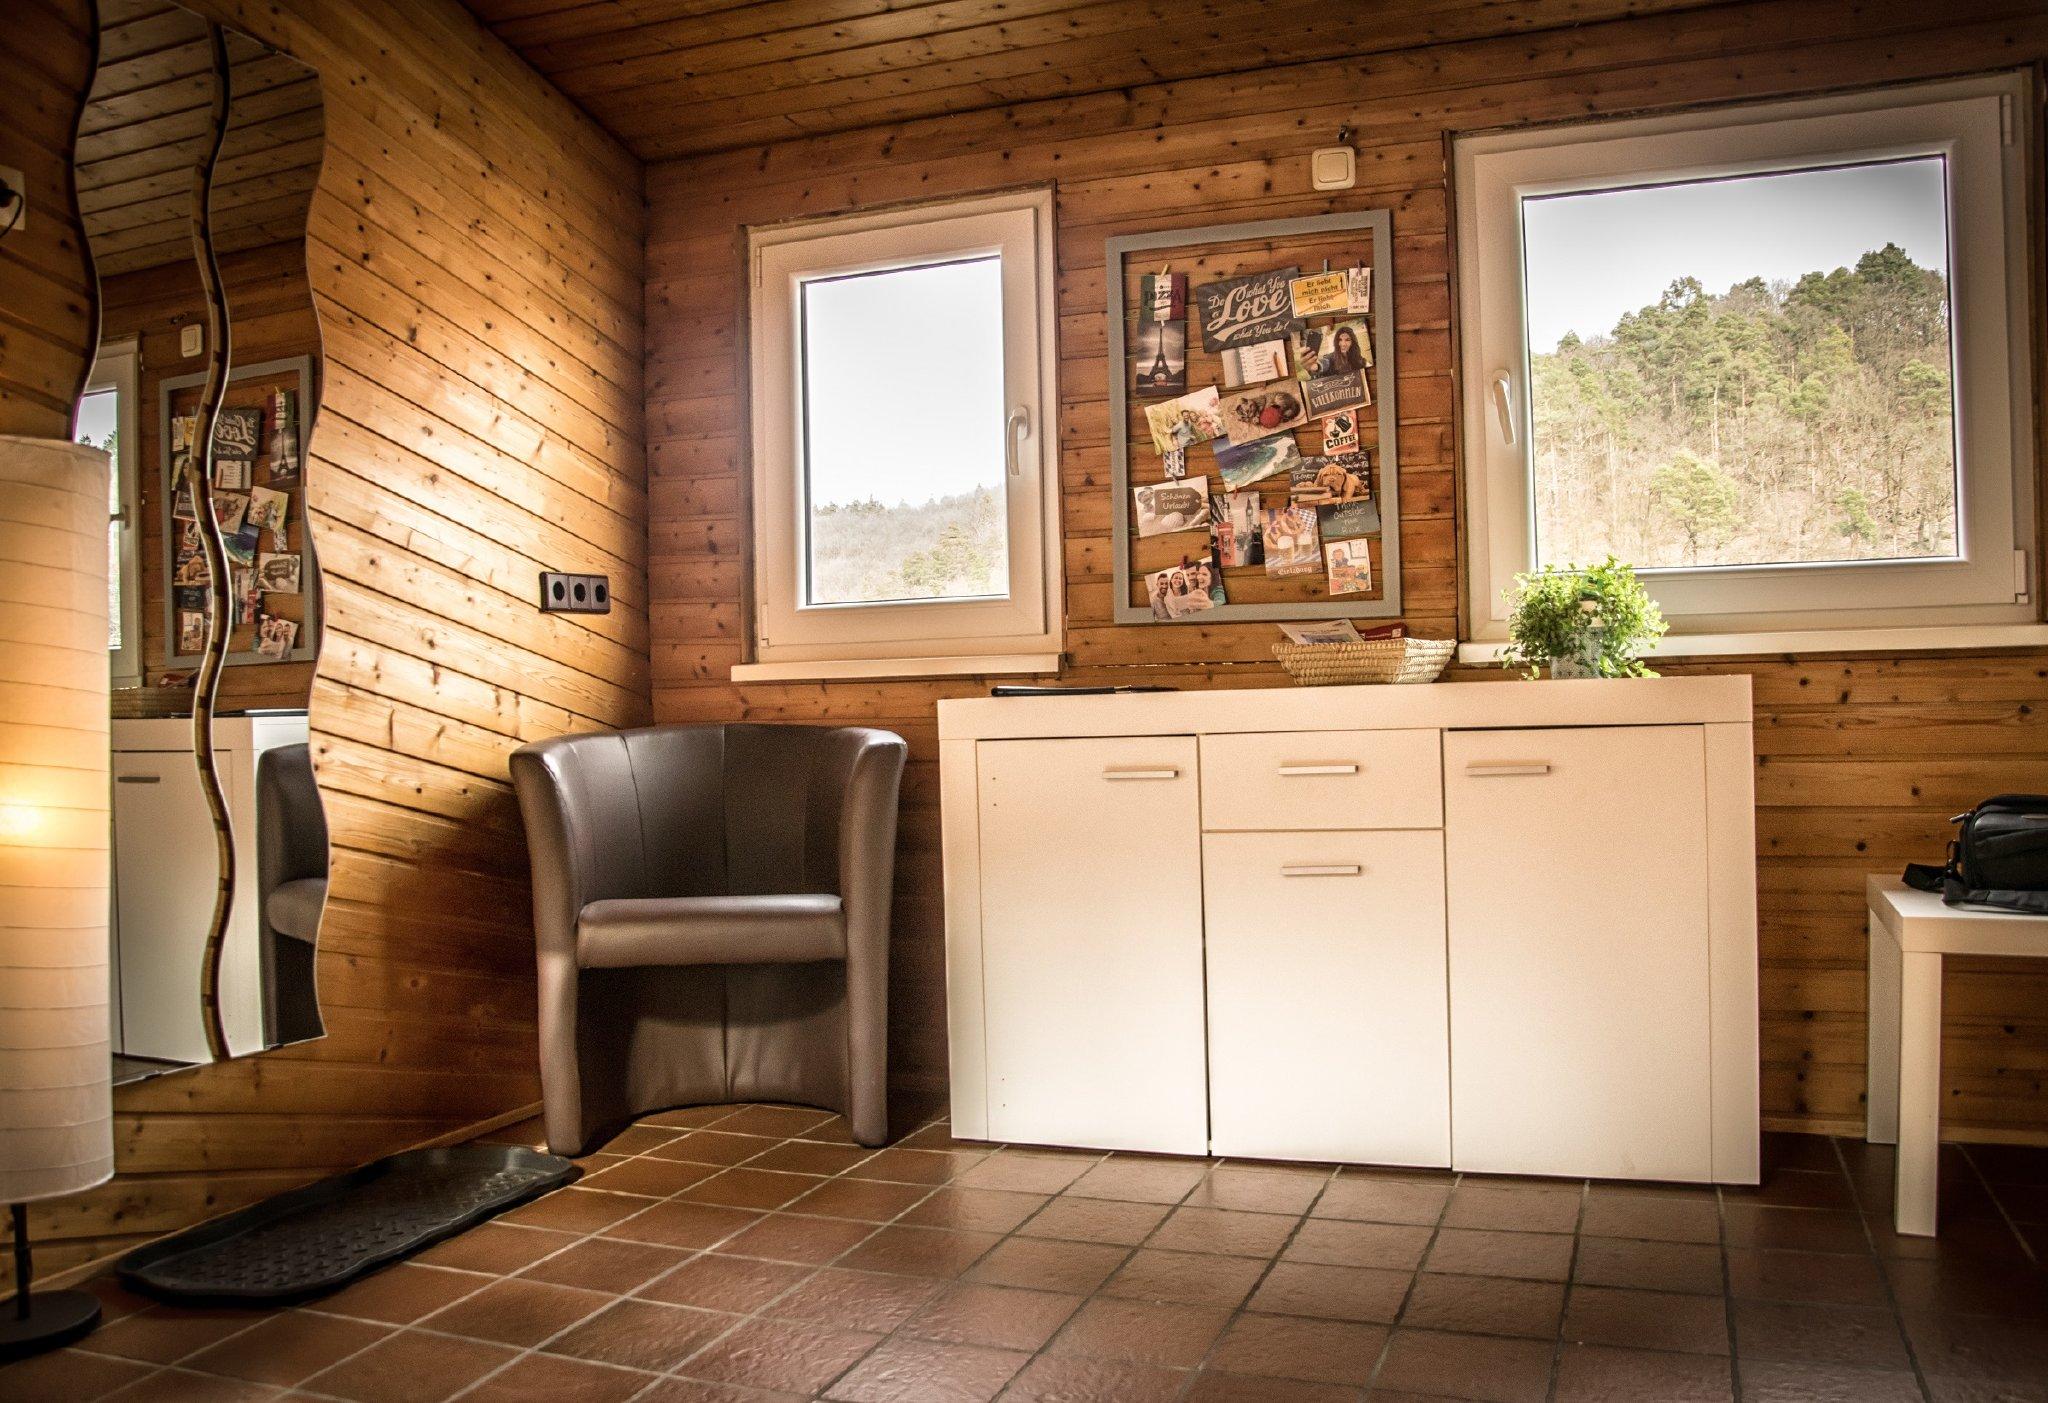 Zusatzbild Nr. 08 von Unterkunft4You - 3 Sterne Ferienwohnungen im Naturpark Hochtaunus